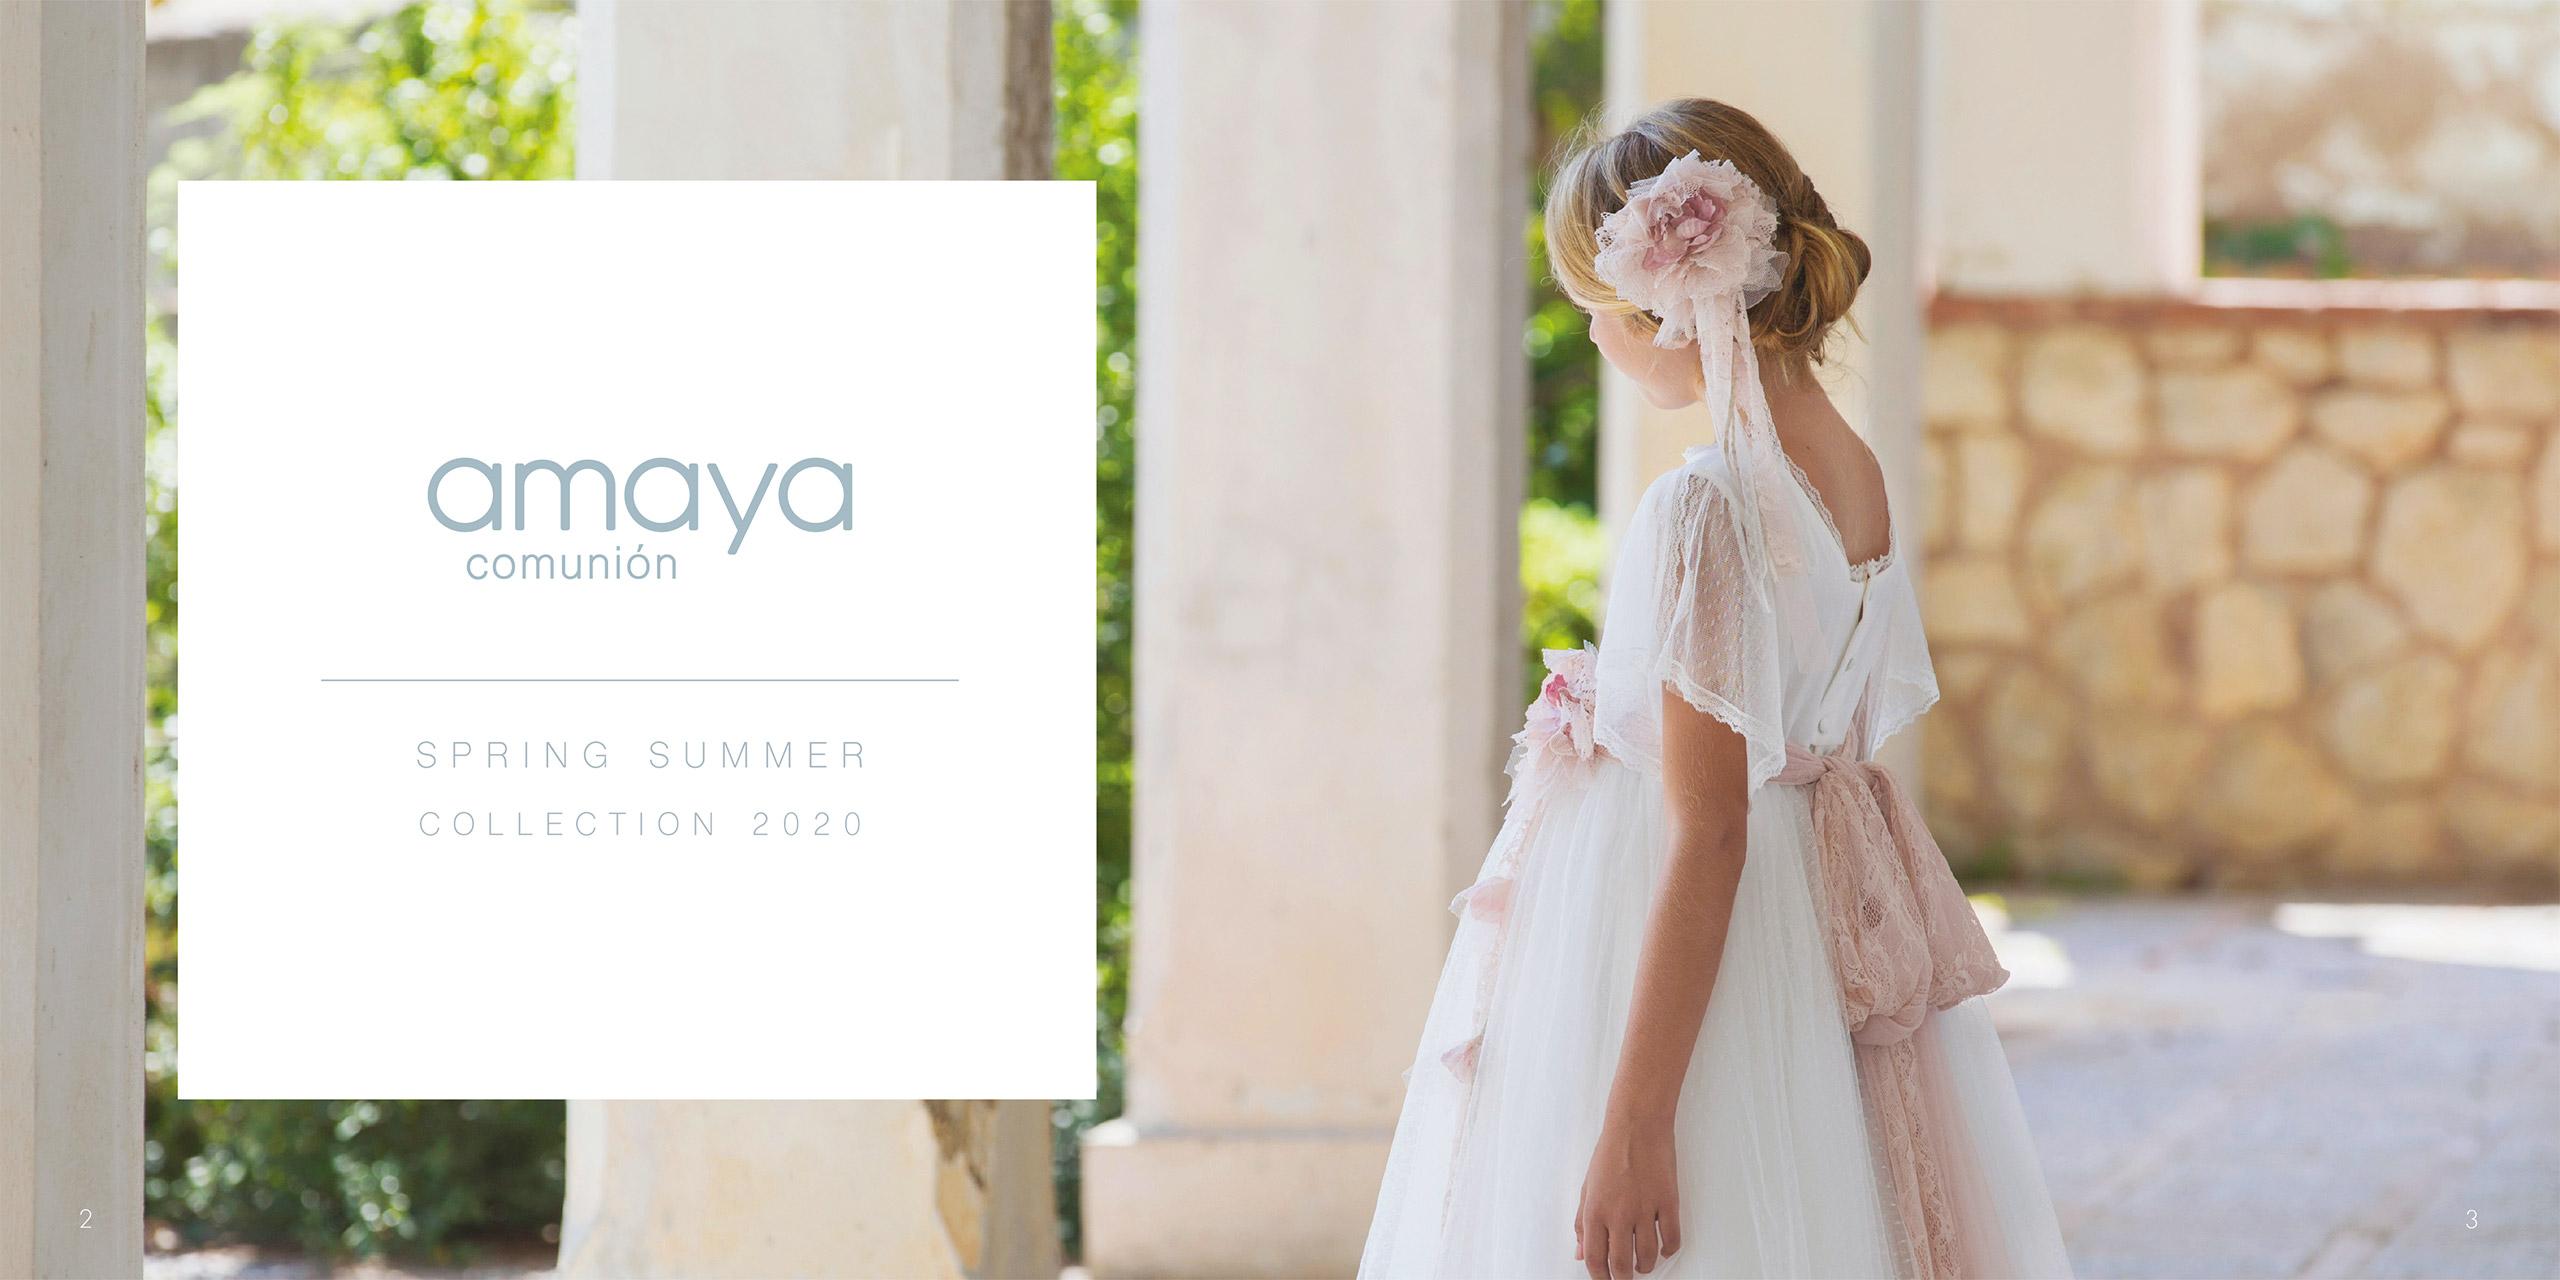 amaya-comunion-catalogo-2p-02